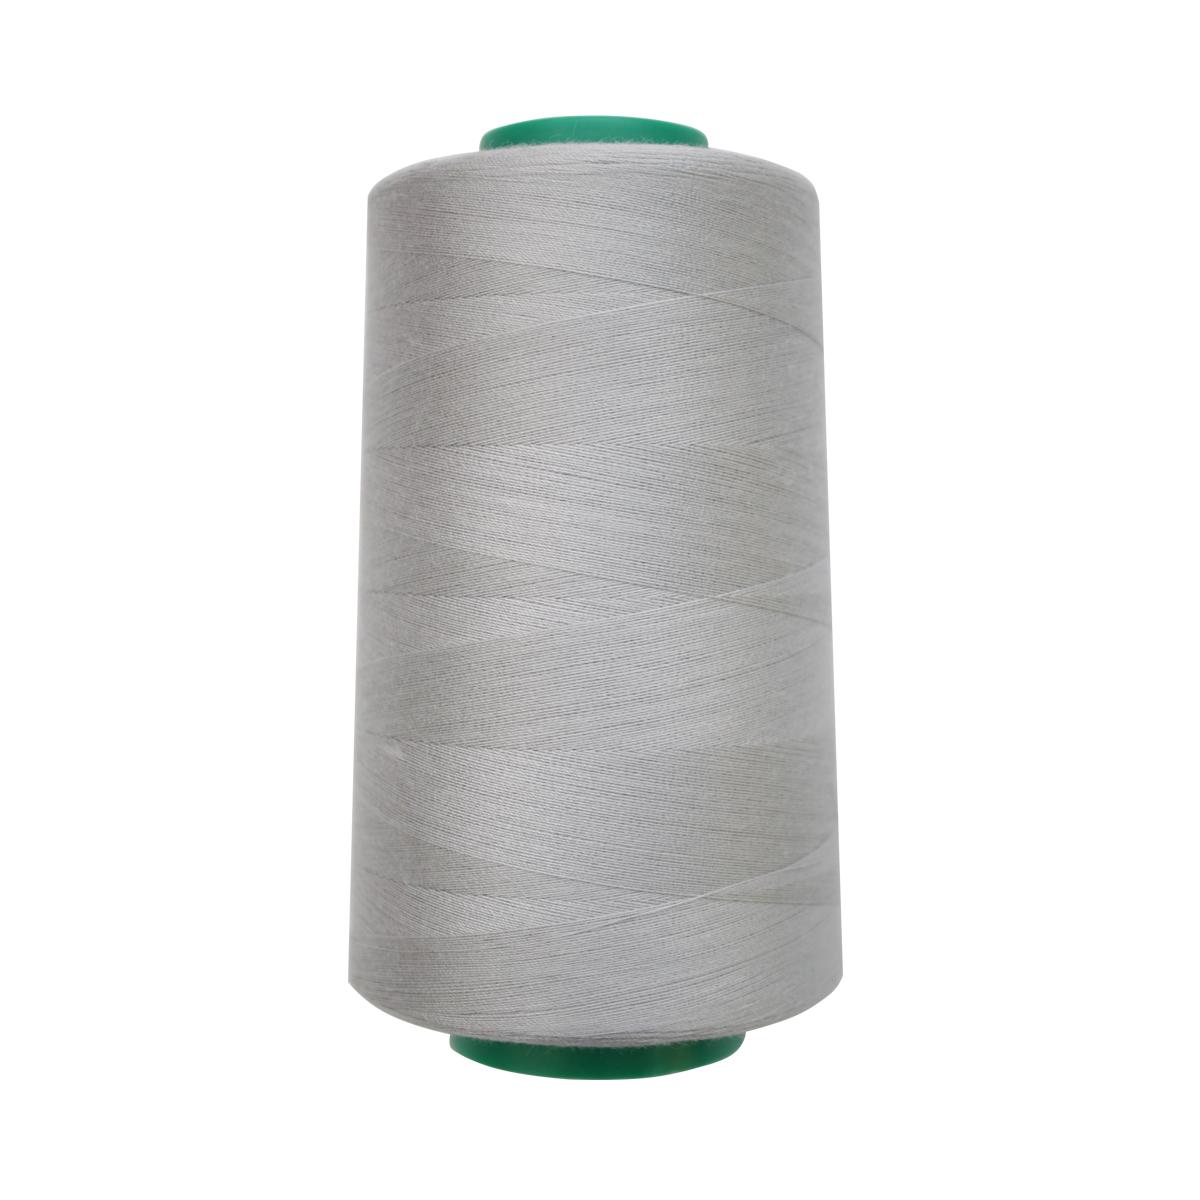 Нитки для шитья Bestex 50/2, 5000 ярд, цвет: бело-пепельный (331)7700936-331Сфера использования: трикотаж; ткани малого веса; оверлочные швы; отделка краев; вышивка. Размер игл №70-80